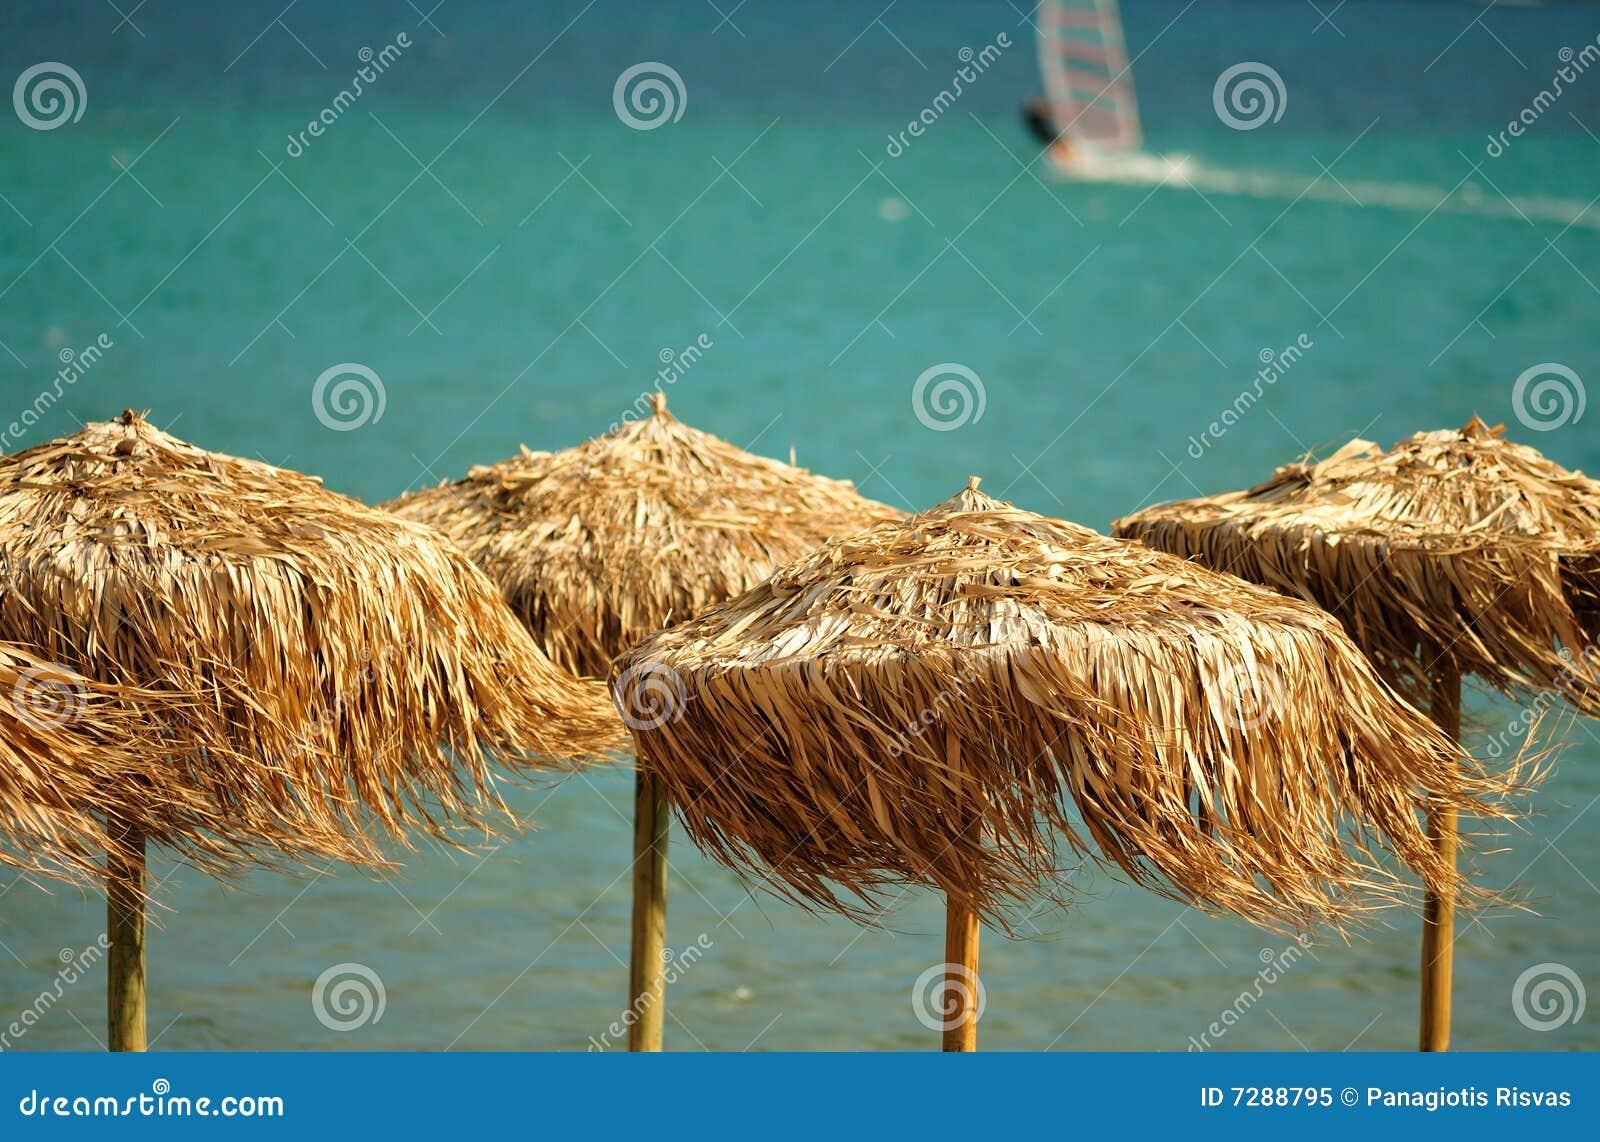 Sombrillas cubiertas con paja